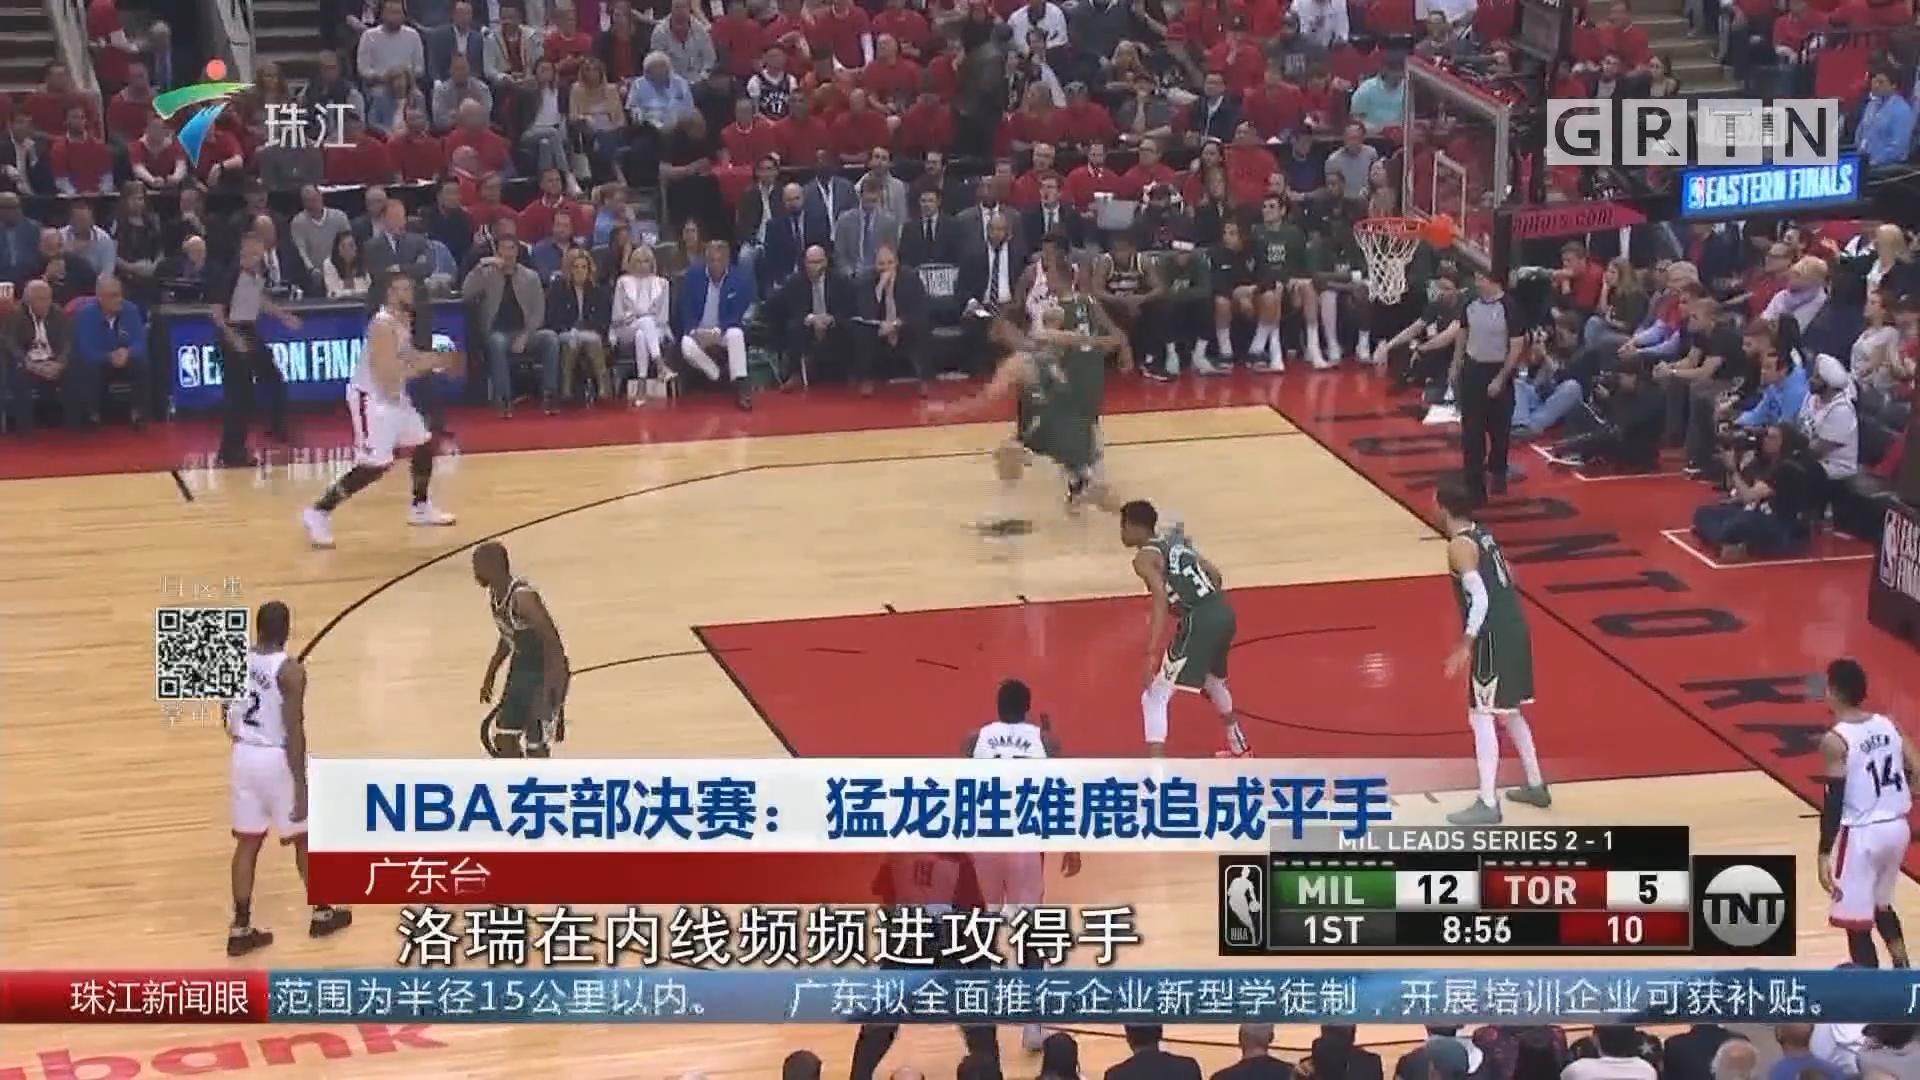 NBA东部决赛:猛龙胜雄鹿追成平手